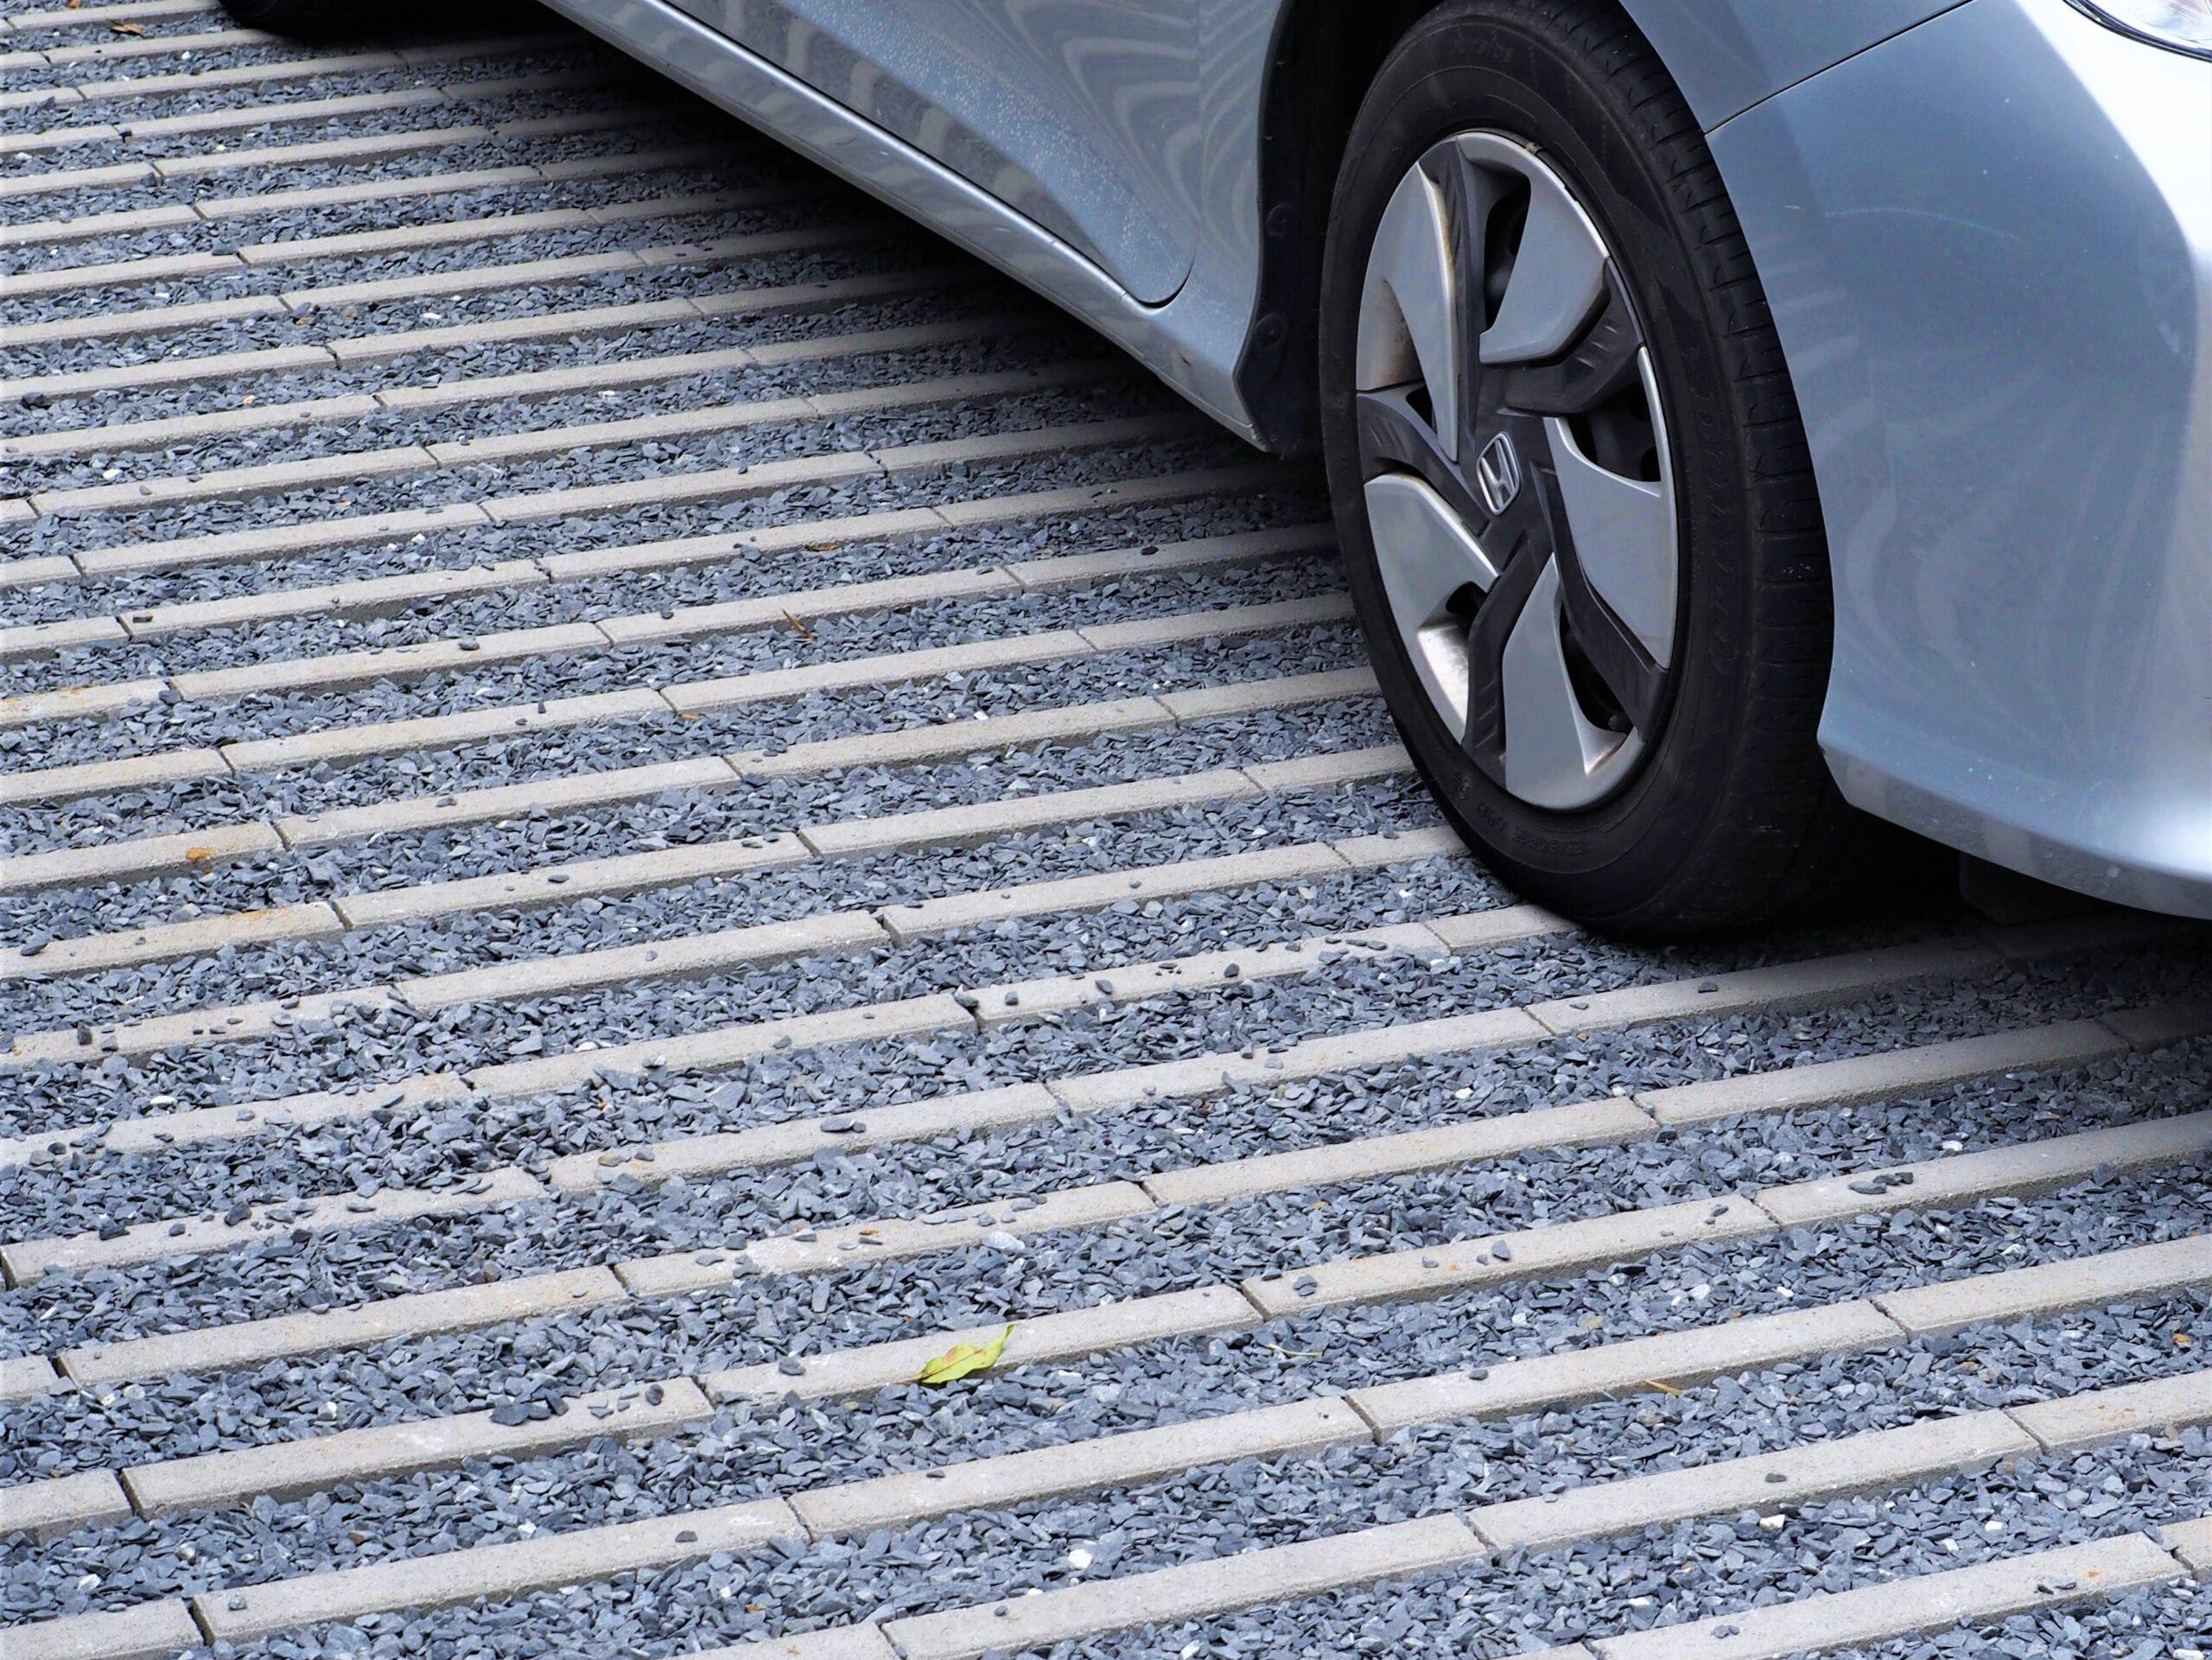 【牛久市 M様邸】 ボーダーラインが際立つ駐車スペースが印象的なエクステリア